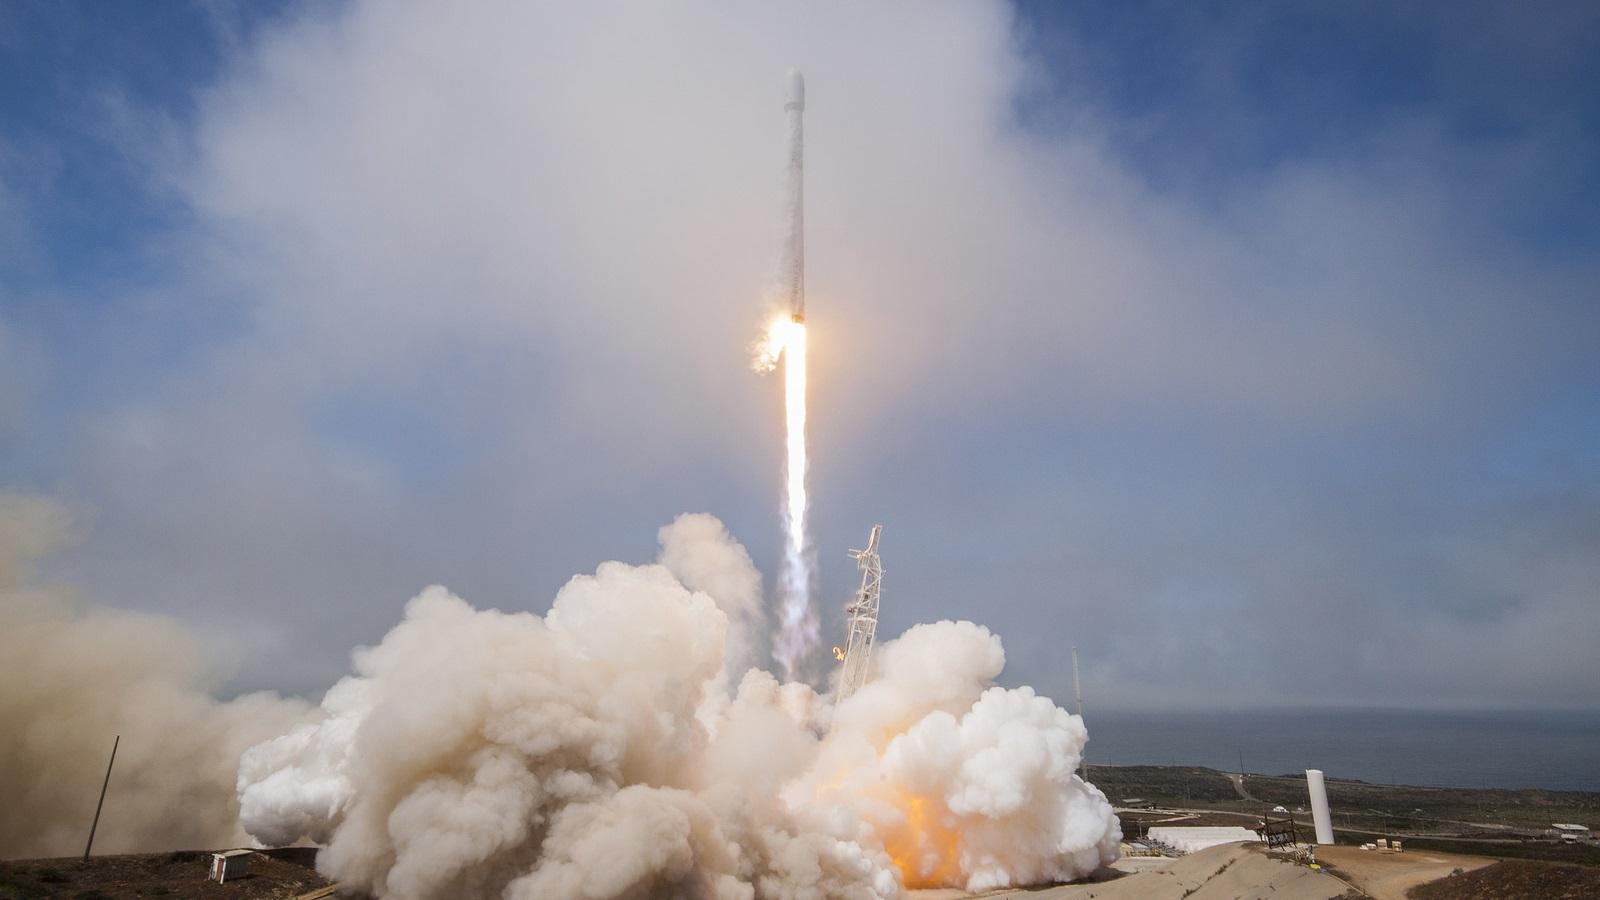 Tên lửa Falcon 9 của SpaceX được phóng lên không gian mang theo vệ tinh tự chế tạo đầu tiên của đảo quốc Đài Loan. Hình ảnh: SpaceX.